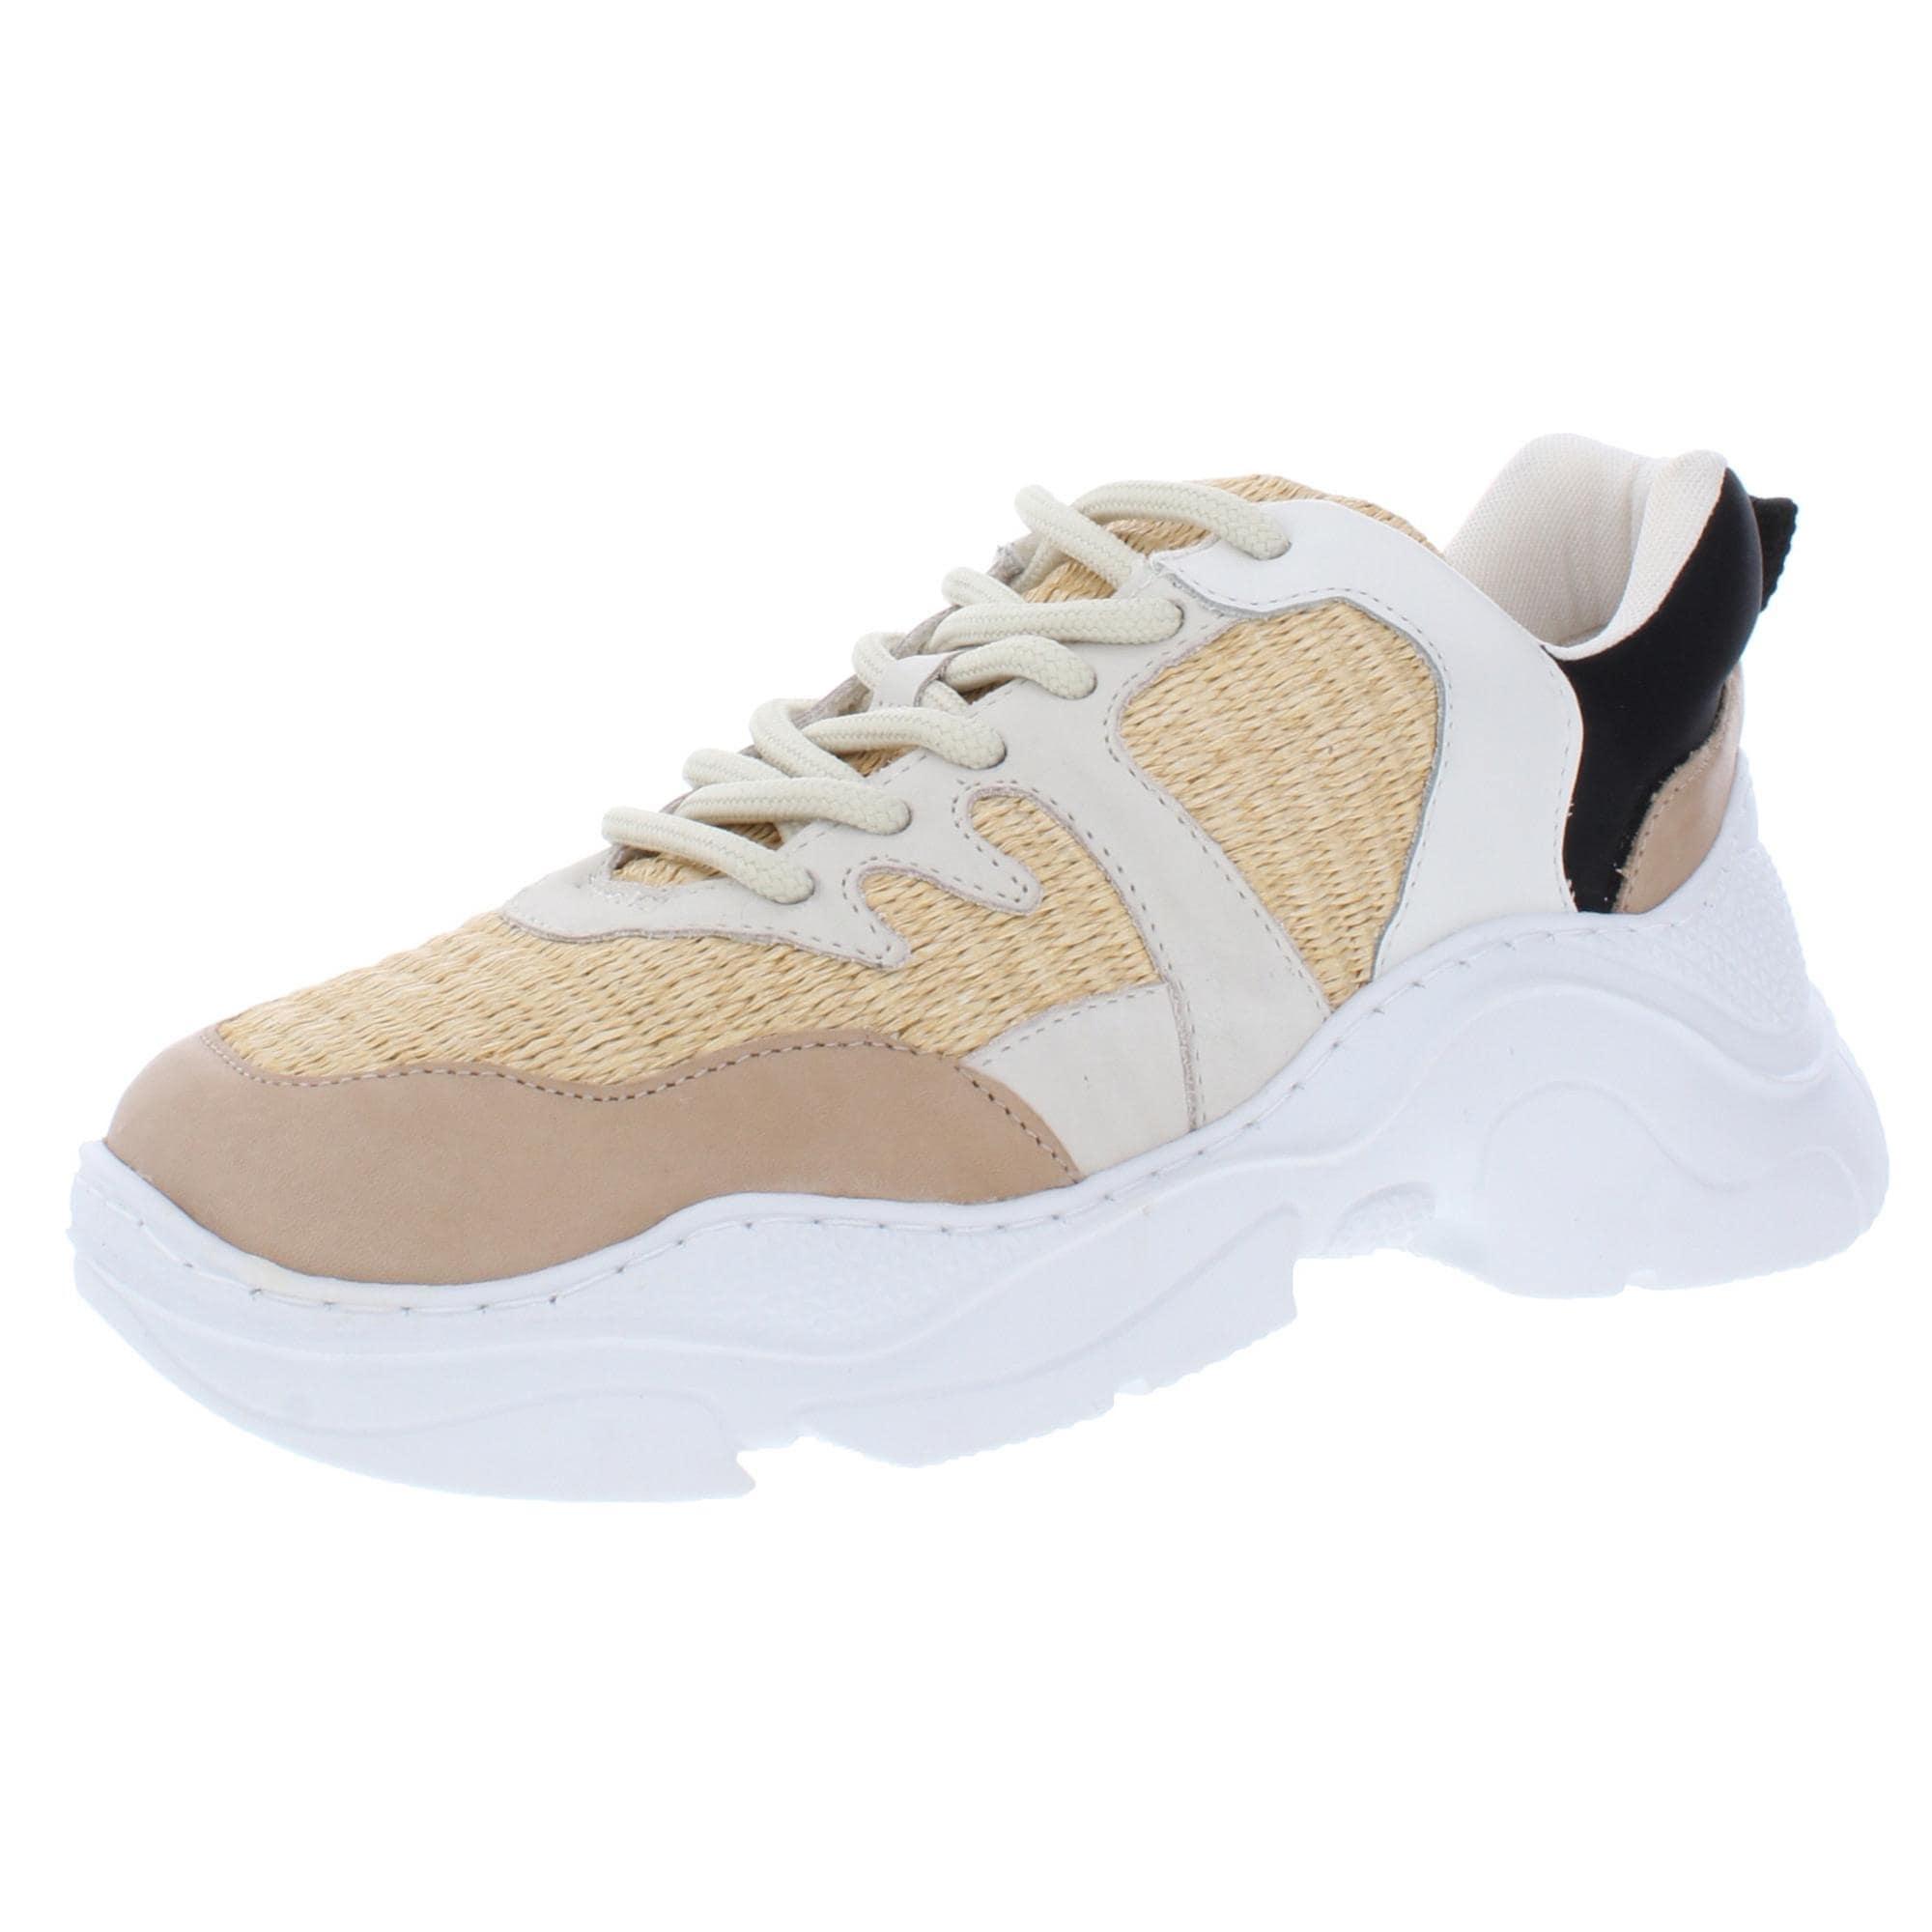 Shop Schutz Womens Jackye Dad Sneakers